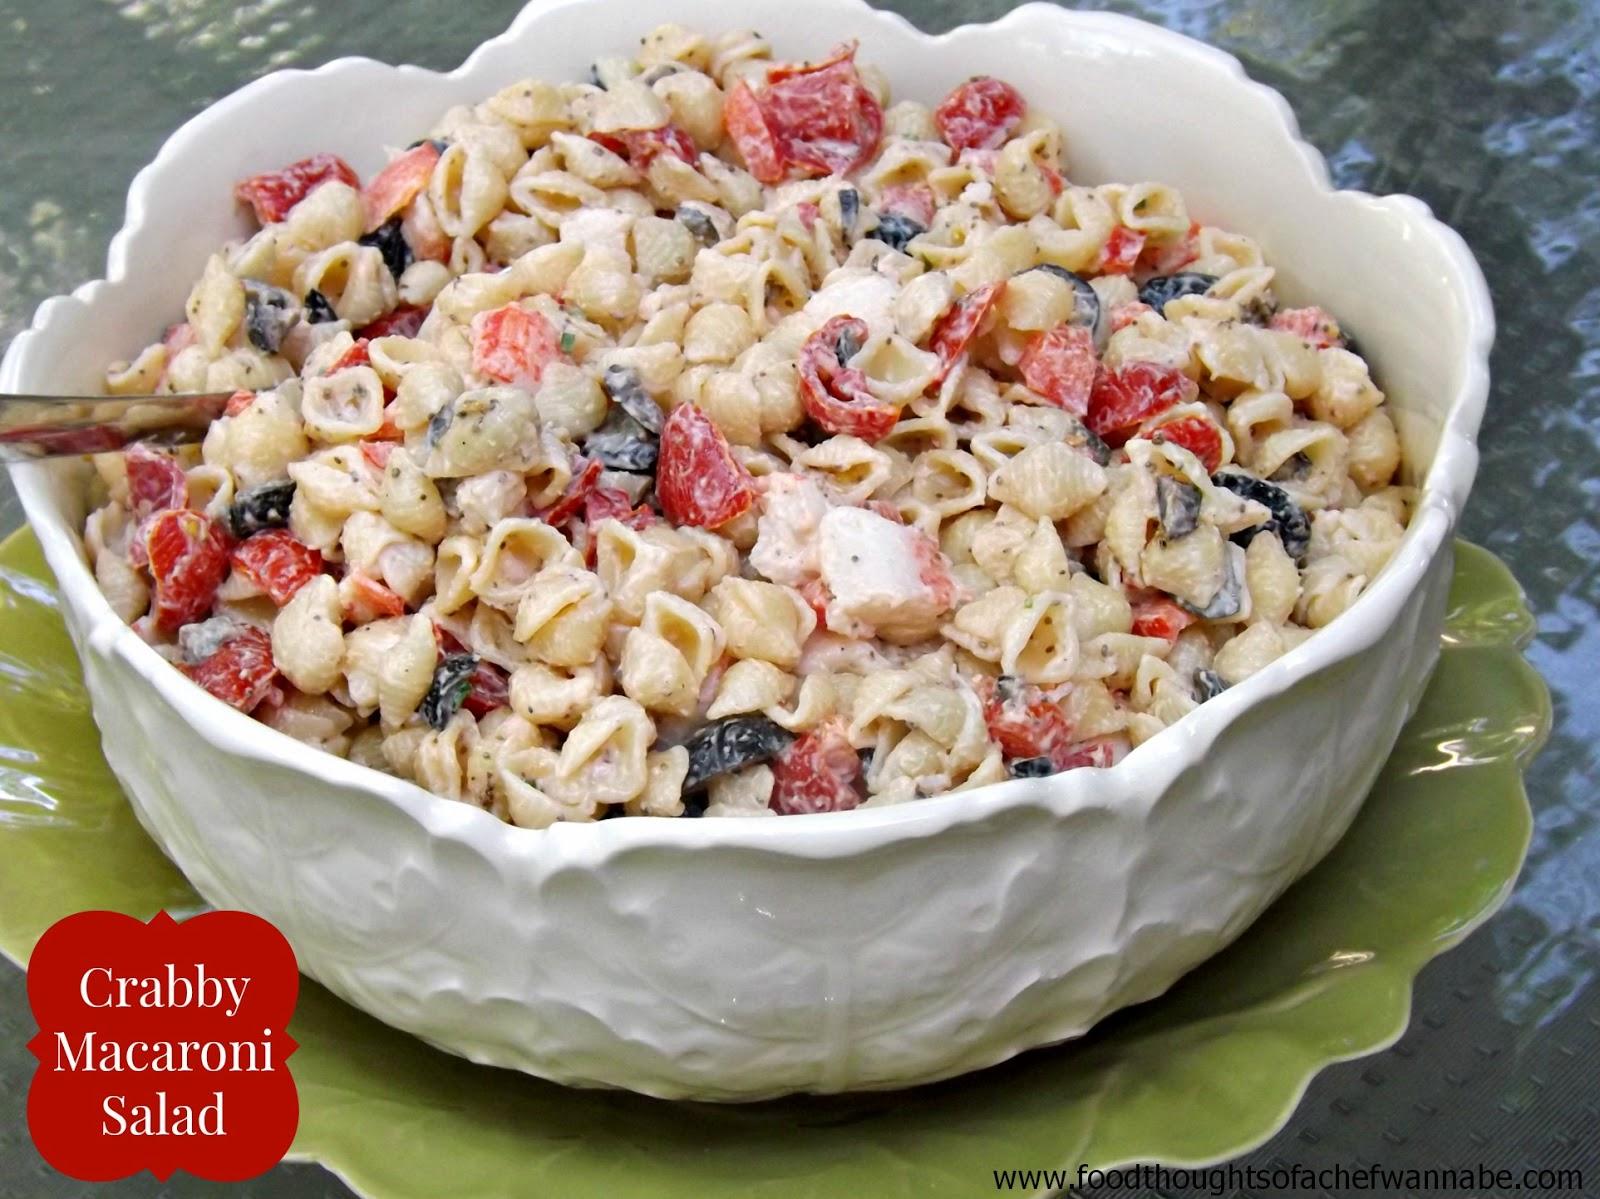 Crabby Macaroni Salad